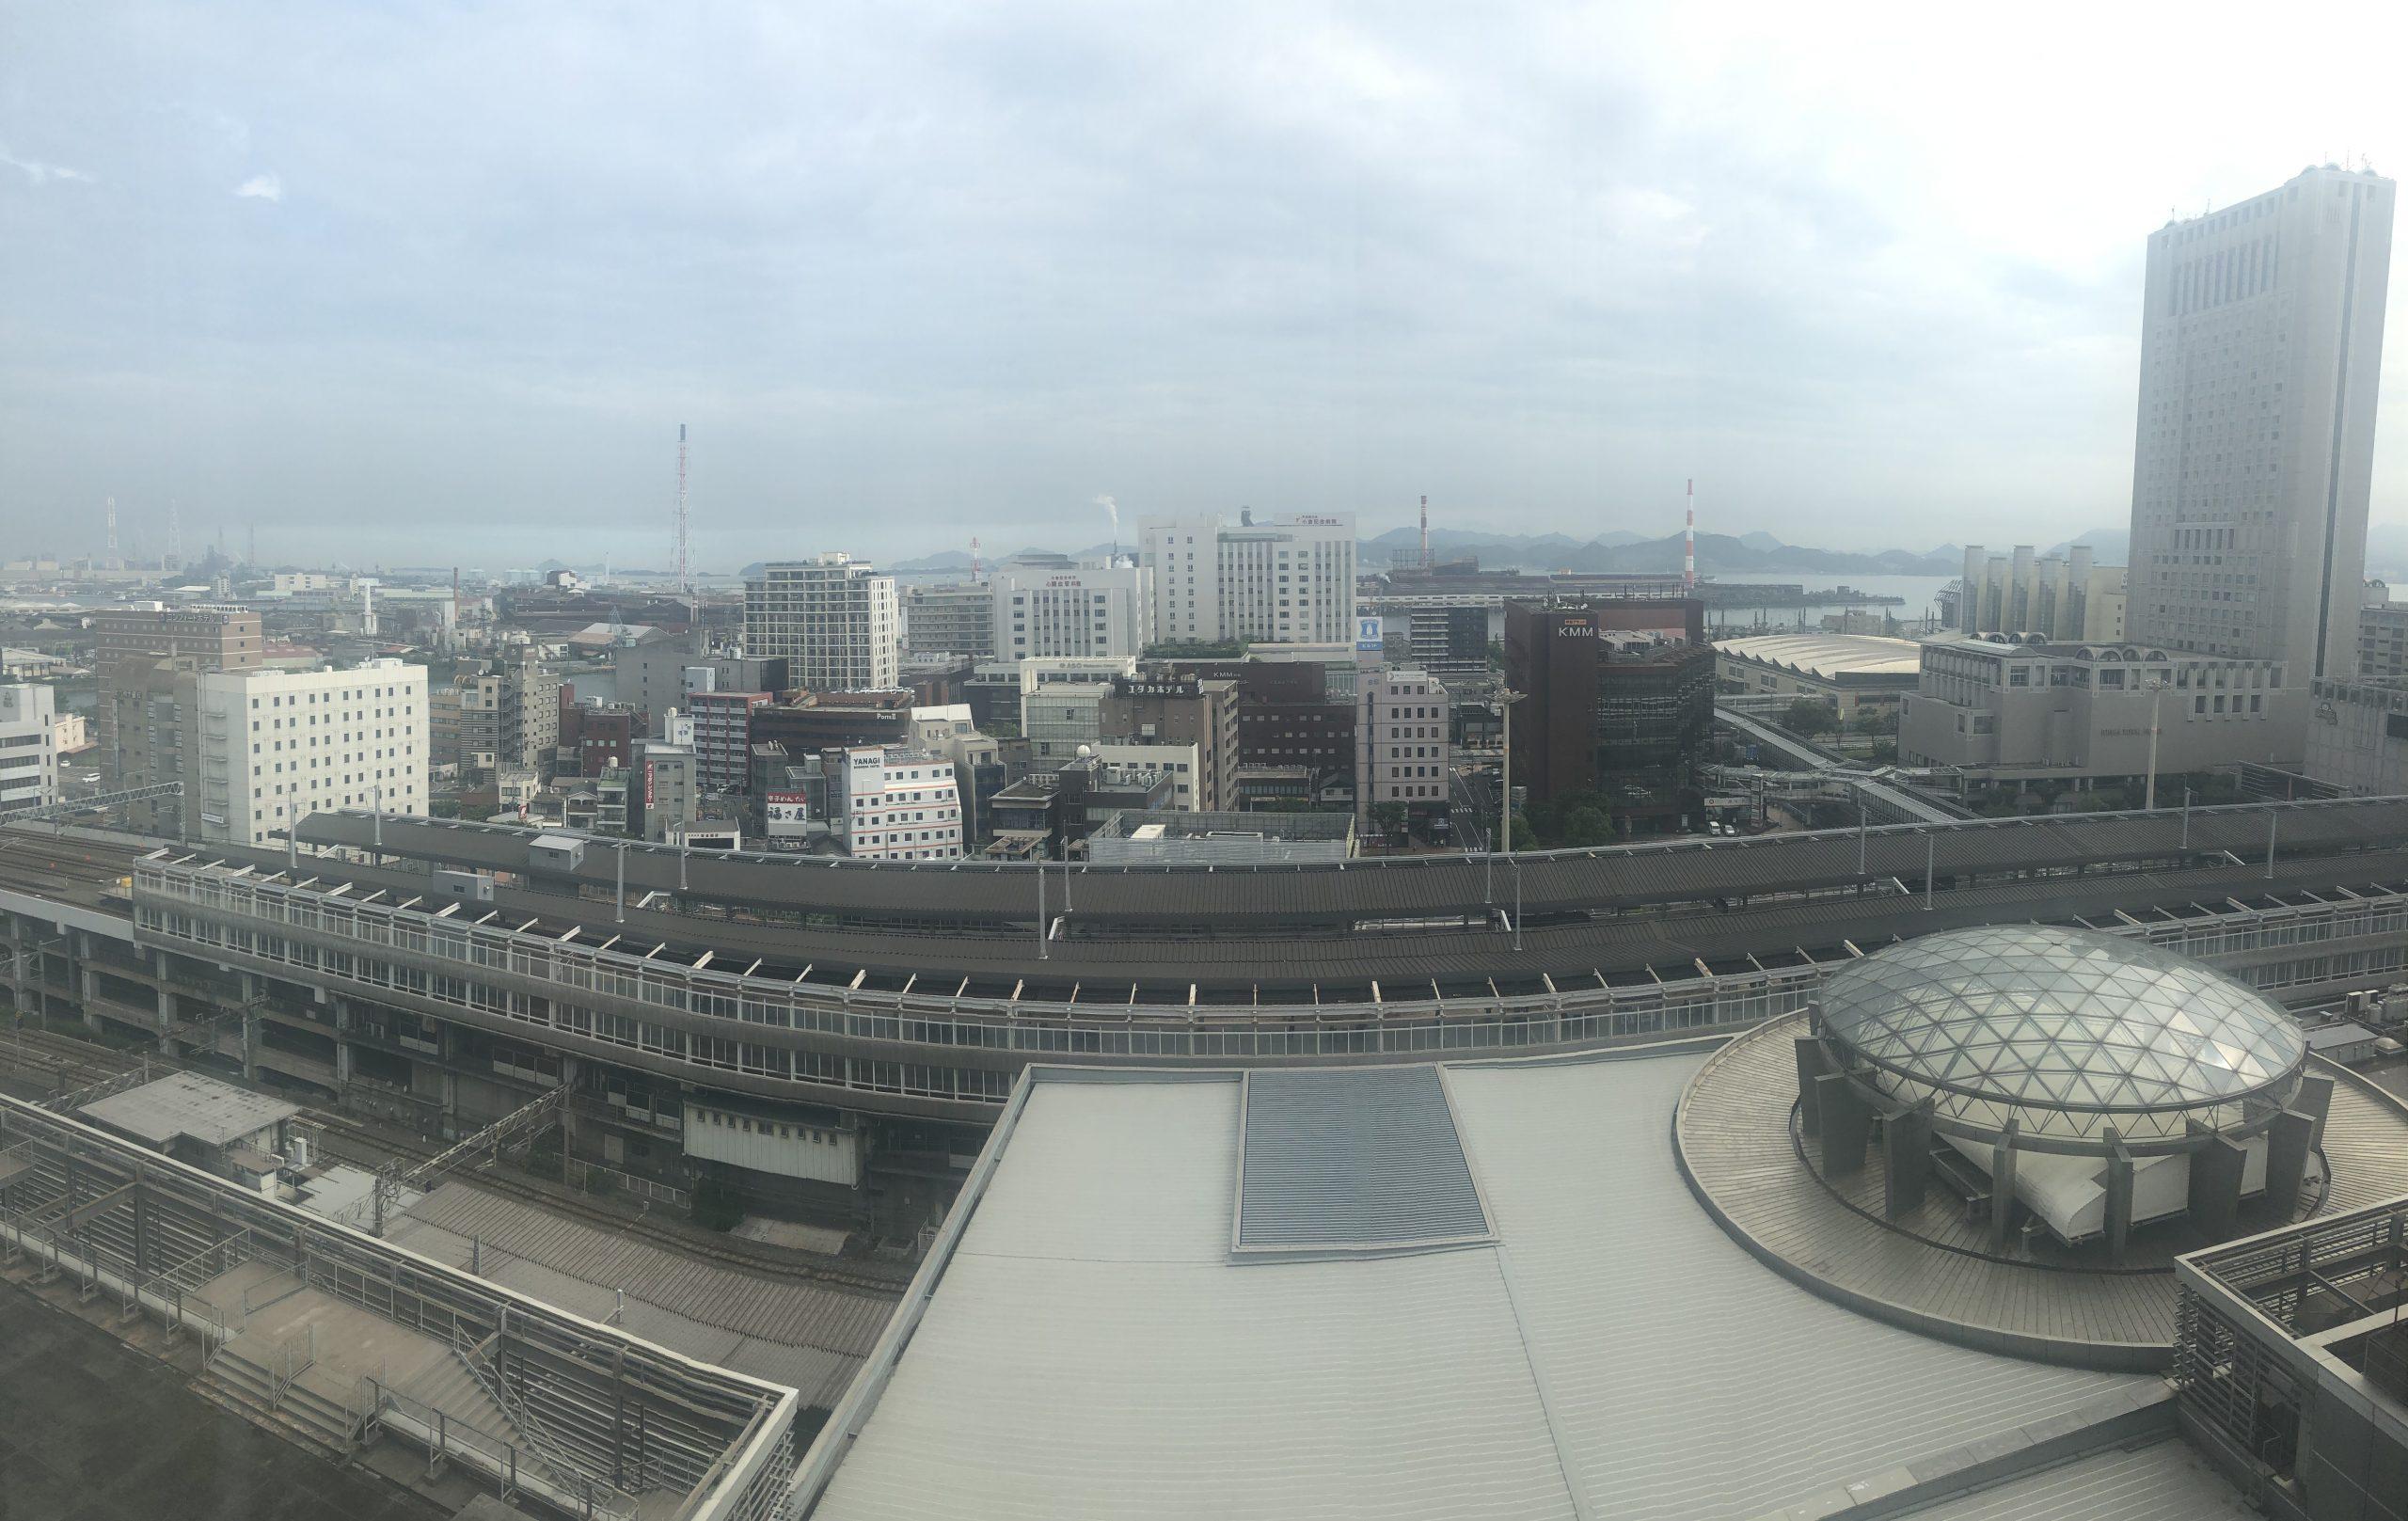 ホテルの窓から見える景色(朝)